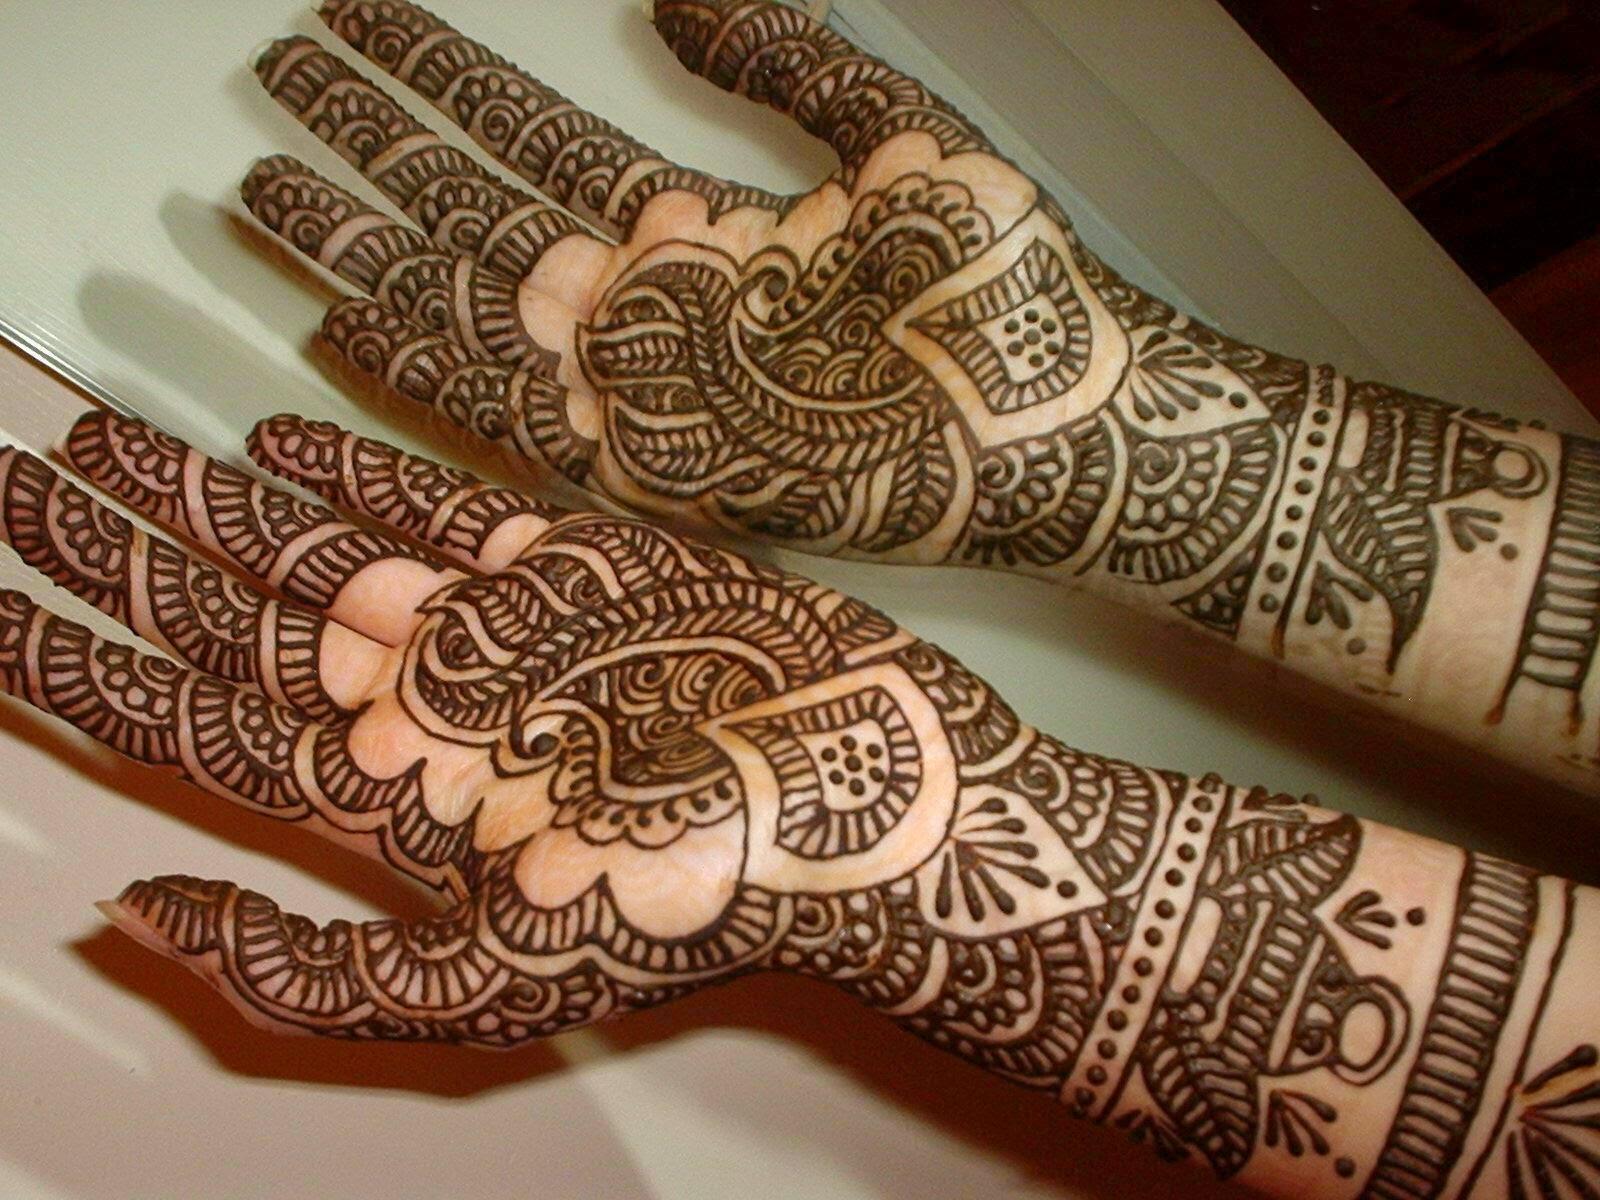 Agencia De Viajes India El Henna Arte Para Embellecer Manos Y Pies